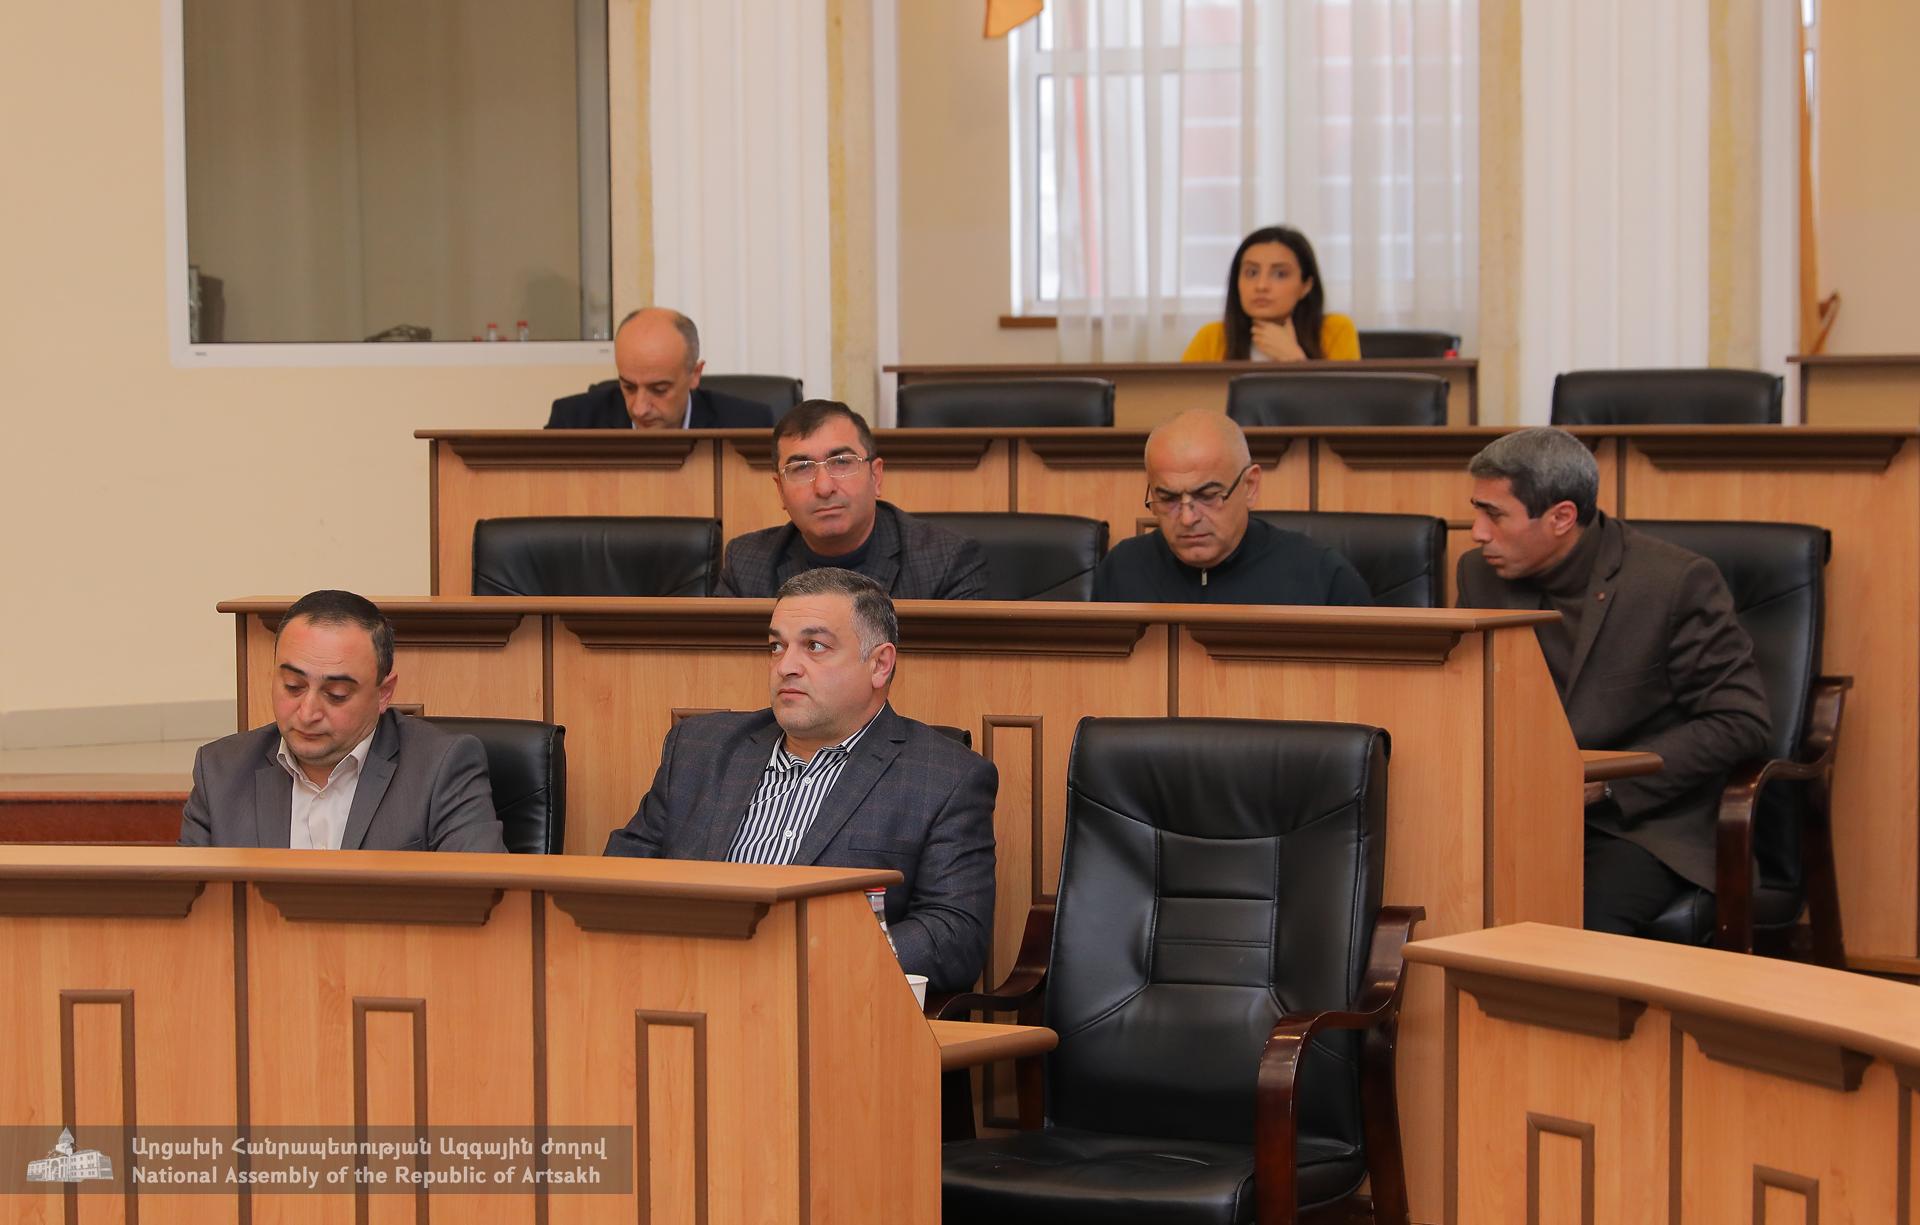 Photo of ԱԺ պետական-իրավական հարցերի և ֆինանսաբյուջետային ու տնտեսական կառավարման հարցերի մշտական հանձնաժողովների համատեղ նիստ